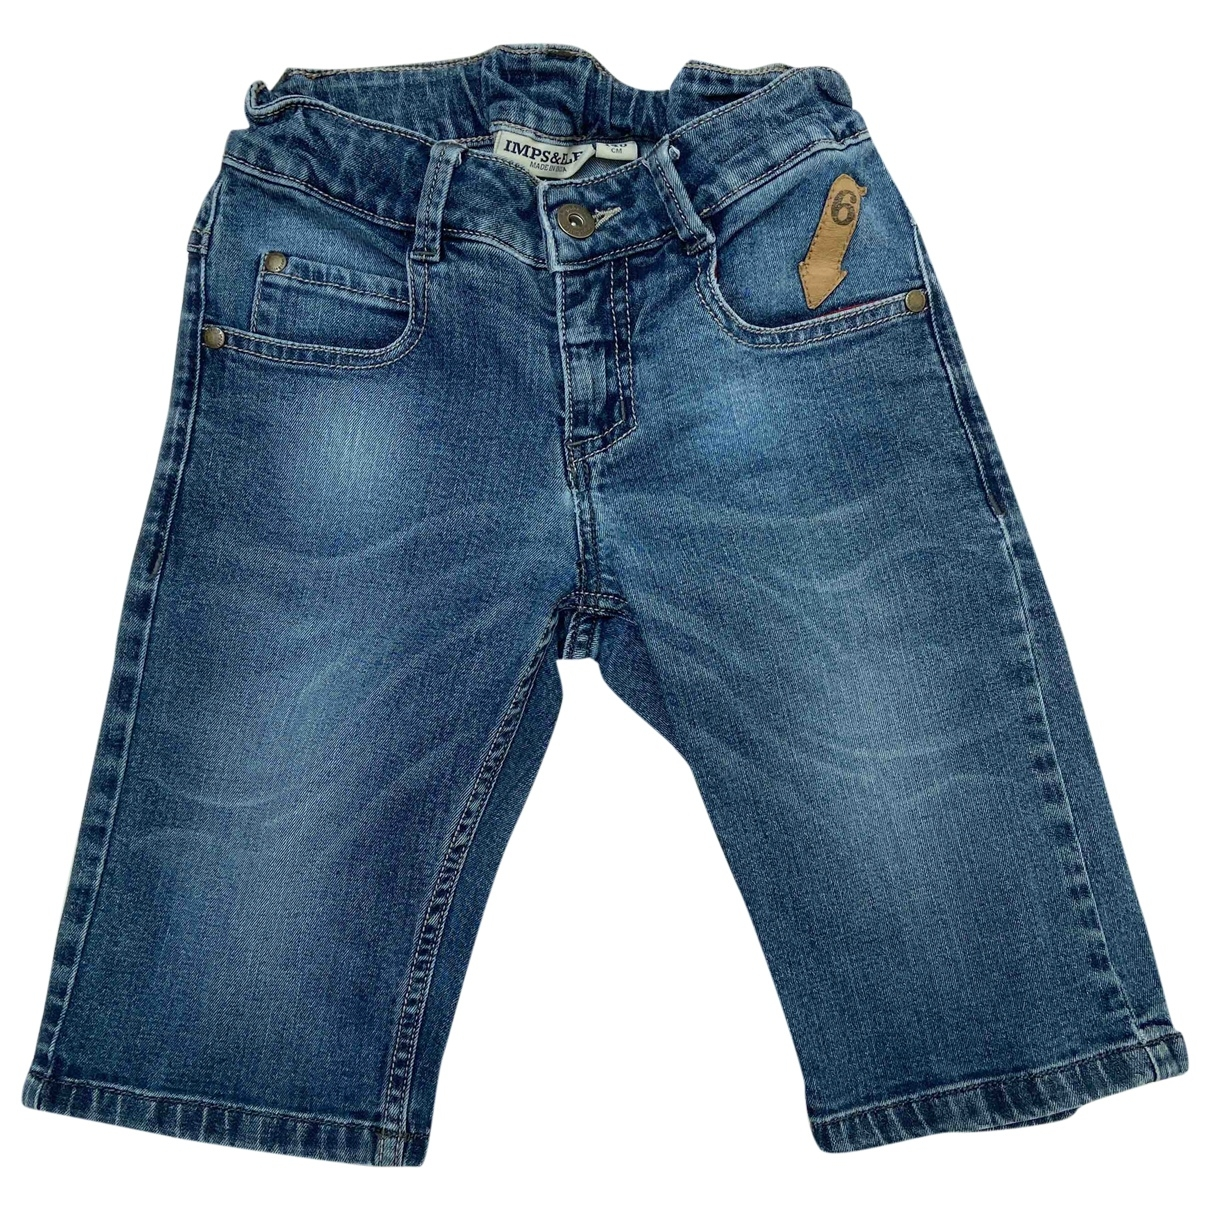 Pantalon corto Imps & Elfs